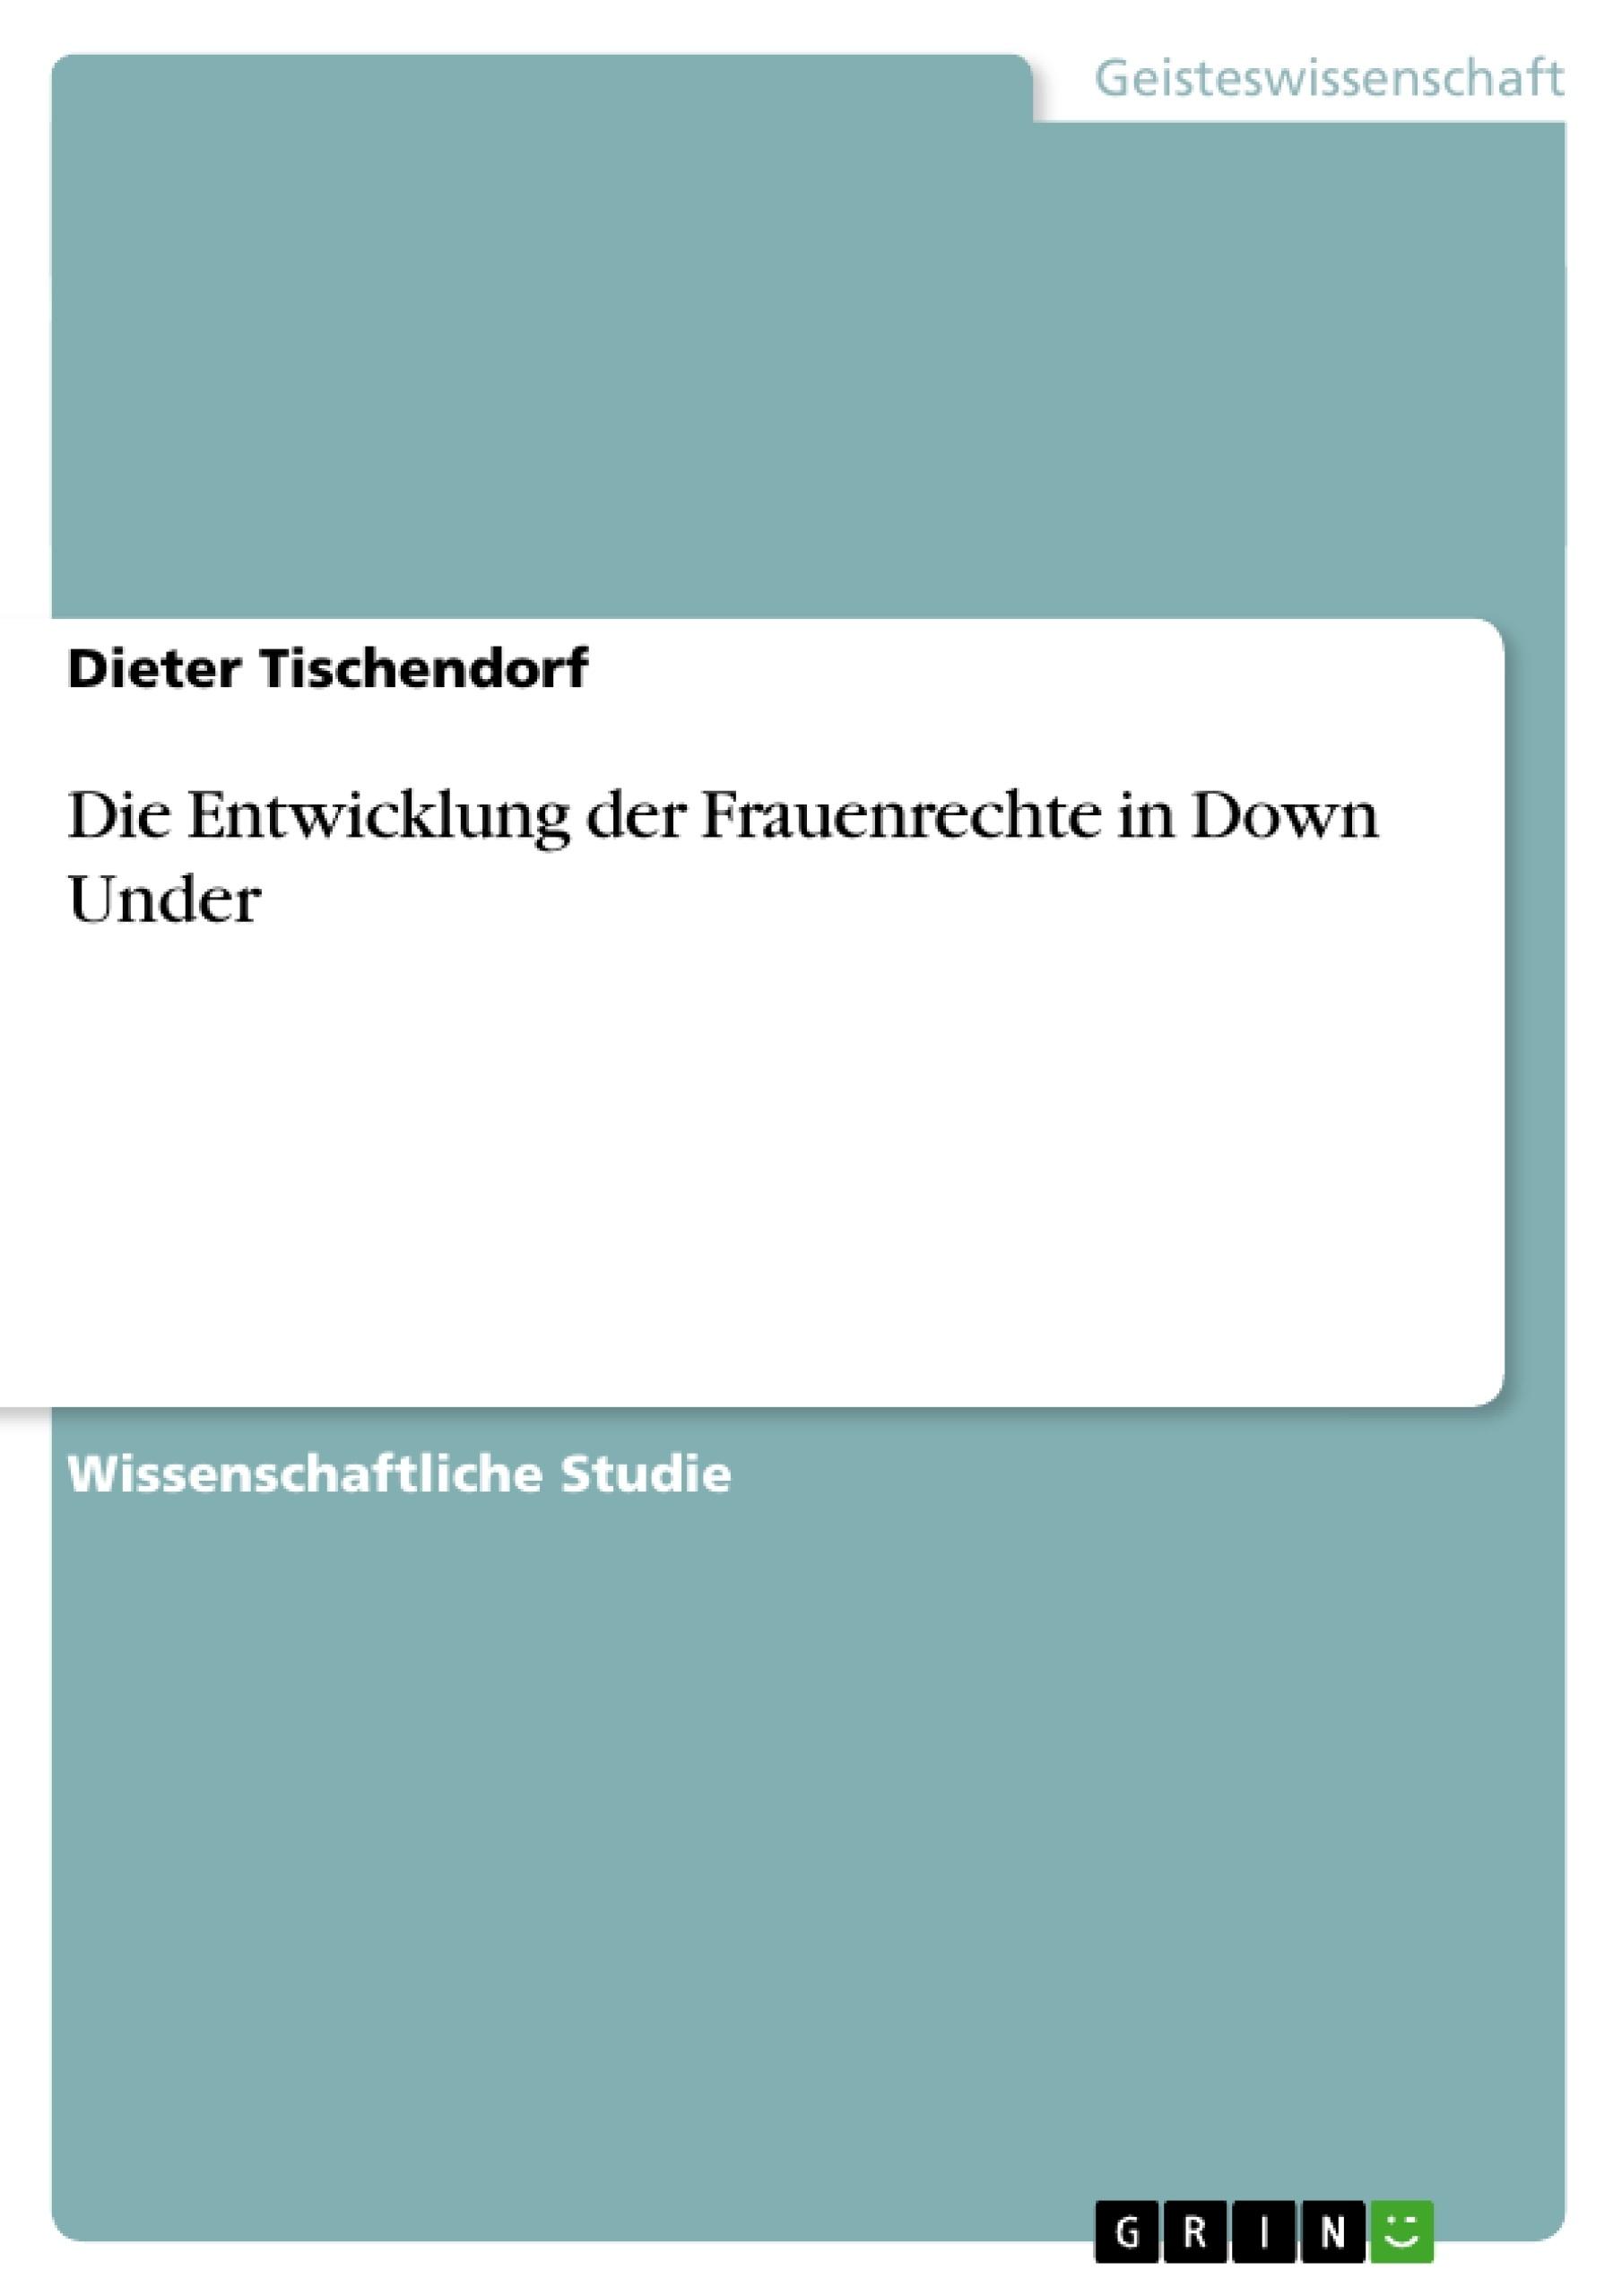 Titel: Die Entwicklung der Frauenrechte in Down Under